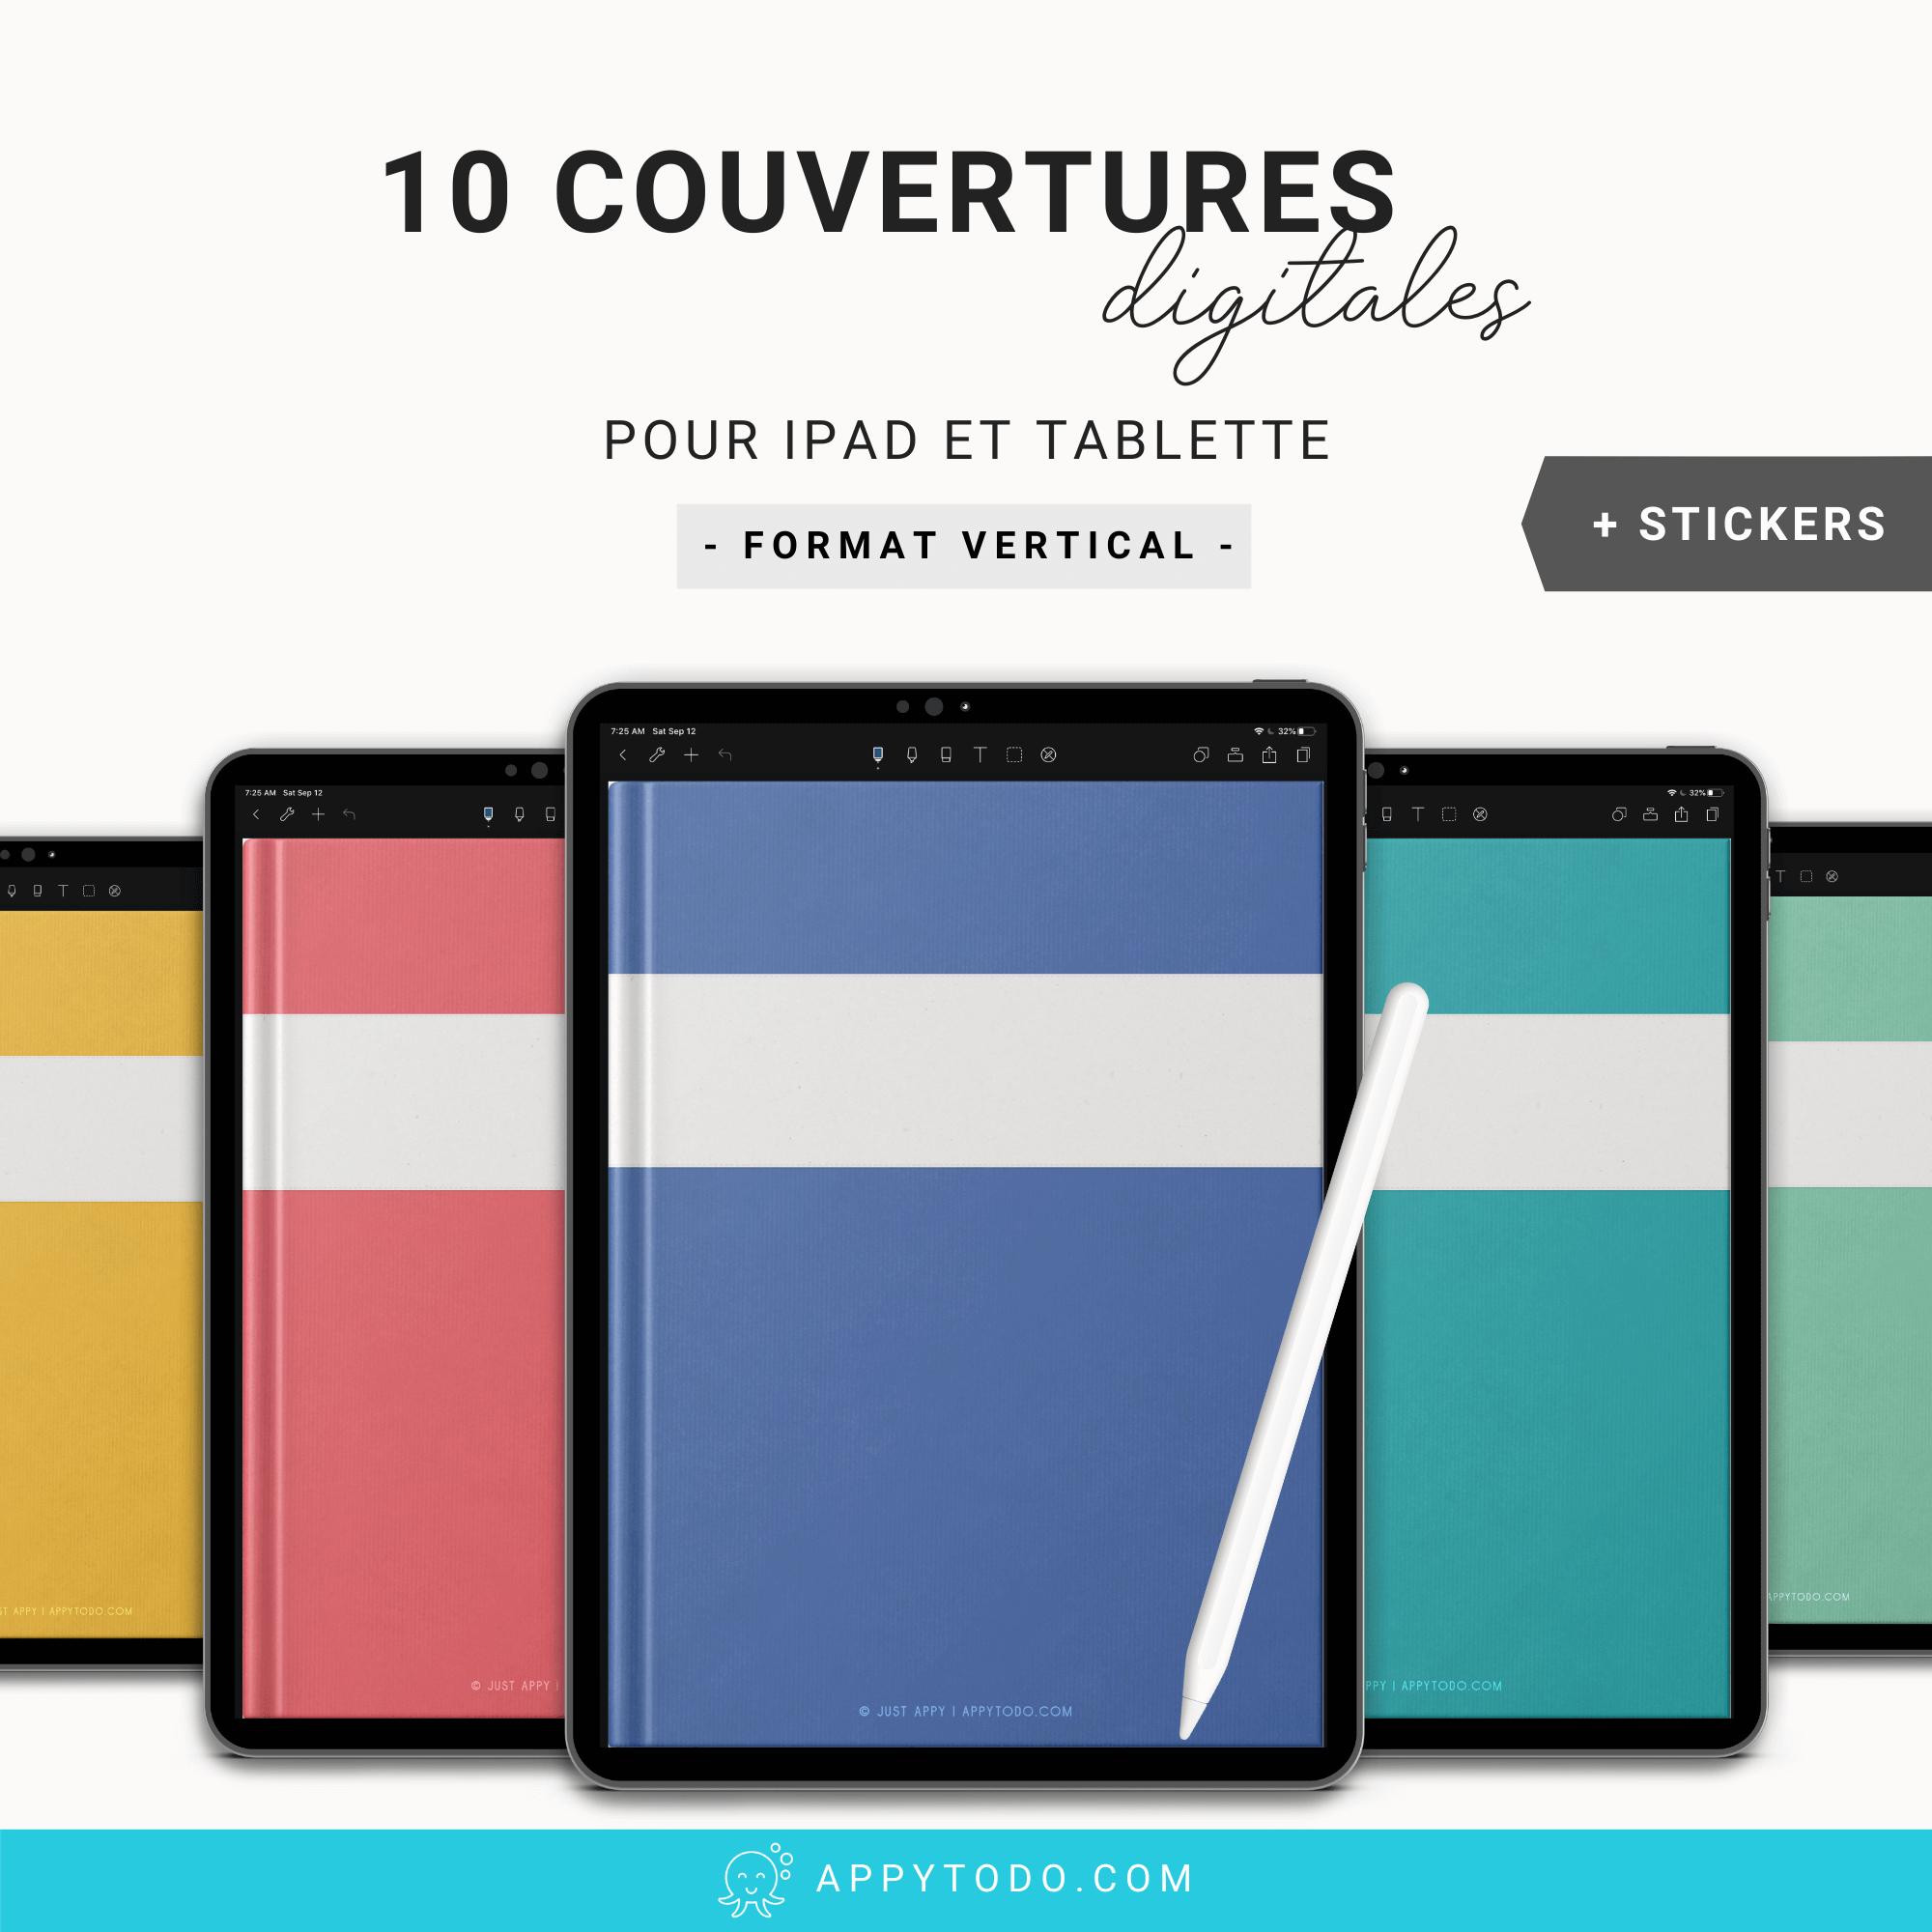 Couvertures numériques pour carnet et planner digital sur Ipad et tablette